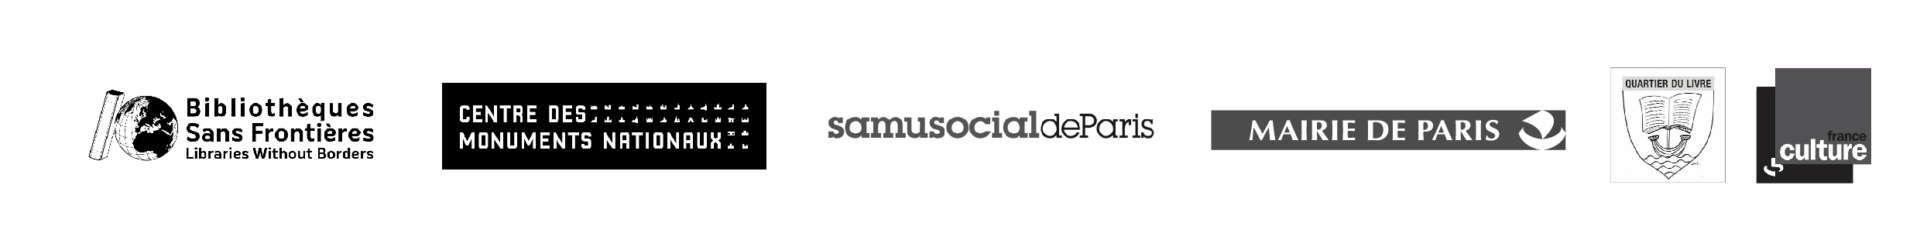 logos de Bibliothèques sans frontières, du Centre des monuments nationaux, du samu social de paris, de la mairie de paris, de quartier du livre et de france culture